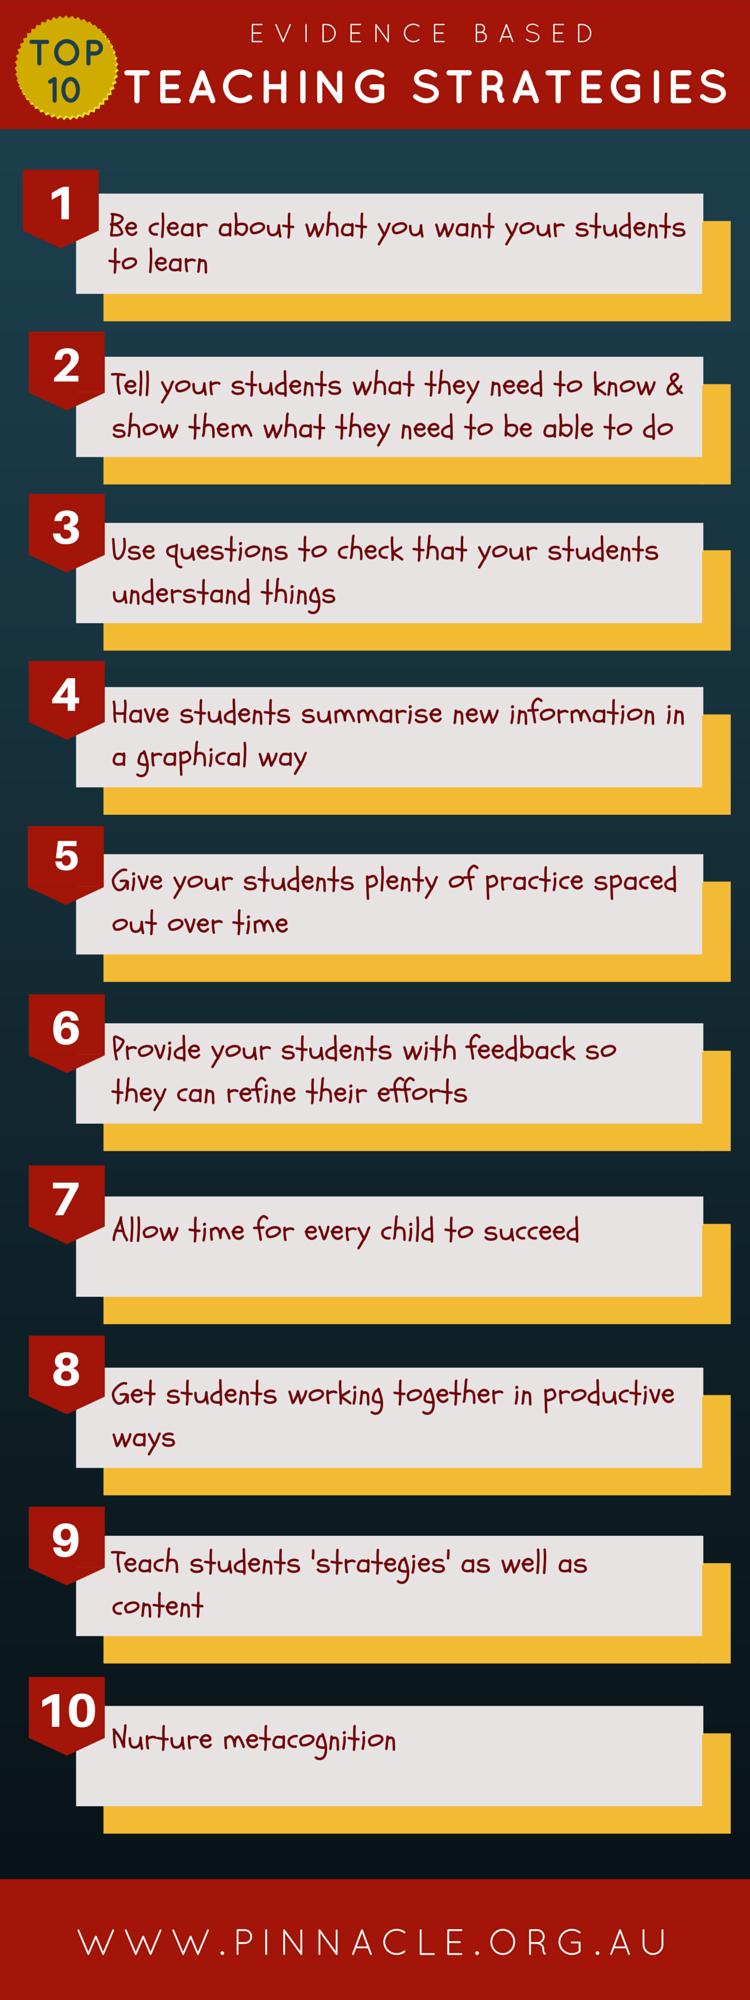 Top 10 Evidence Based Teaching Strategies Teaching Strategies Instructional Strategies Effective Teaching